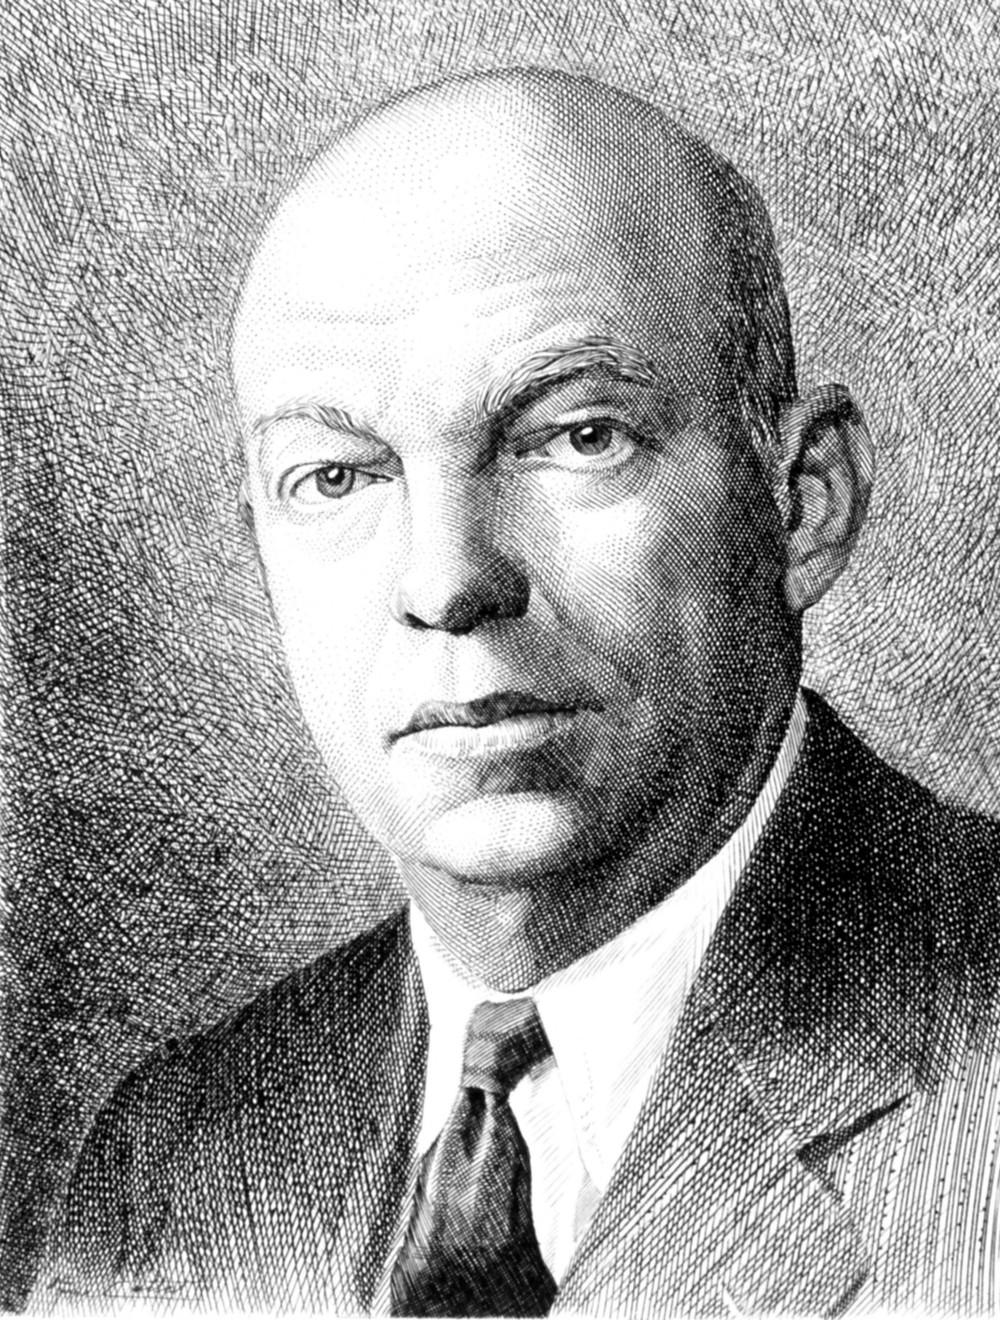 埃德溫·霍華德·阿姆斯特朗